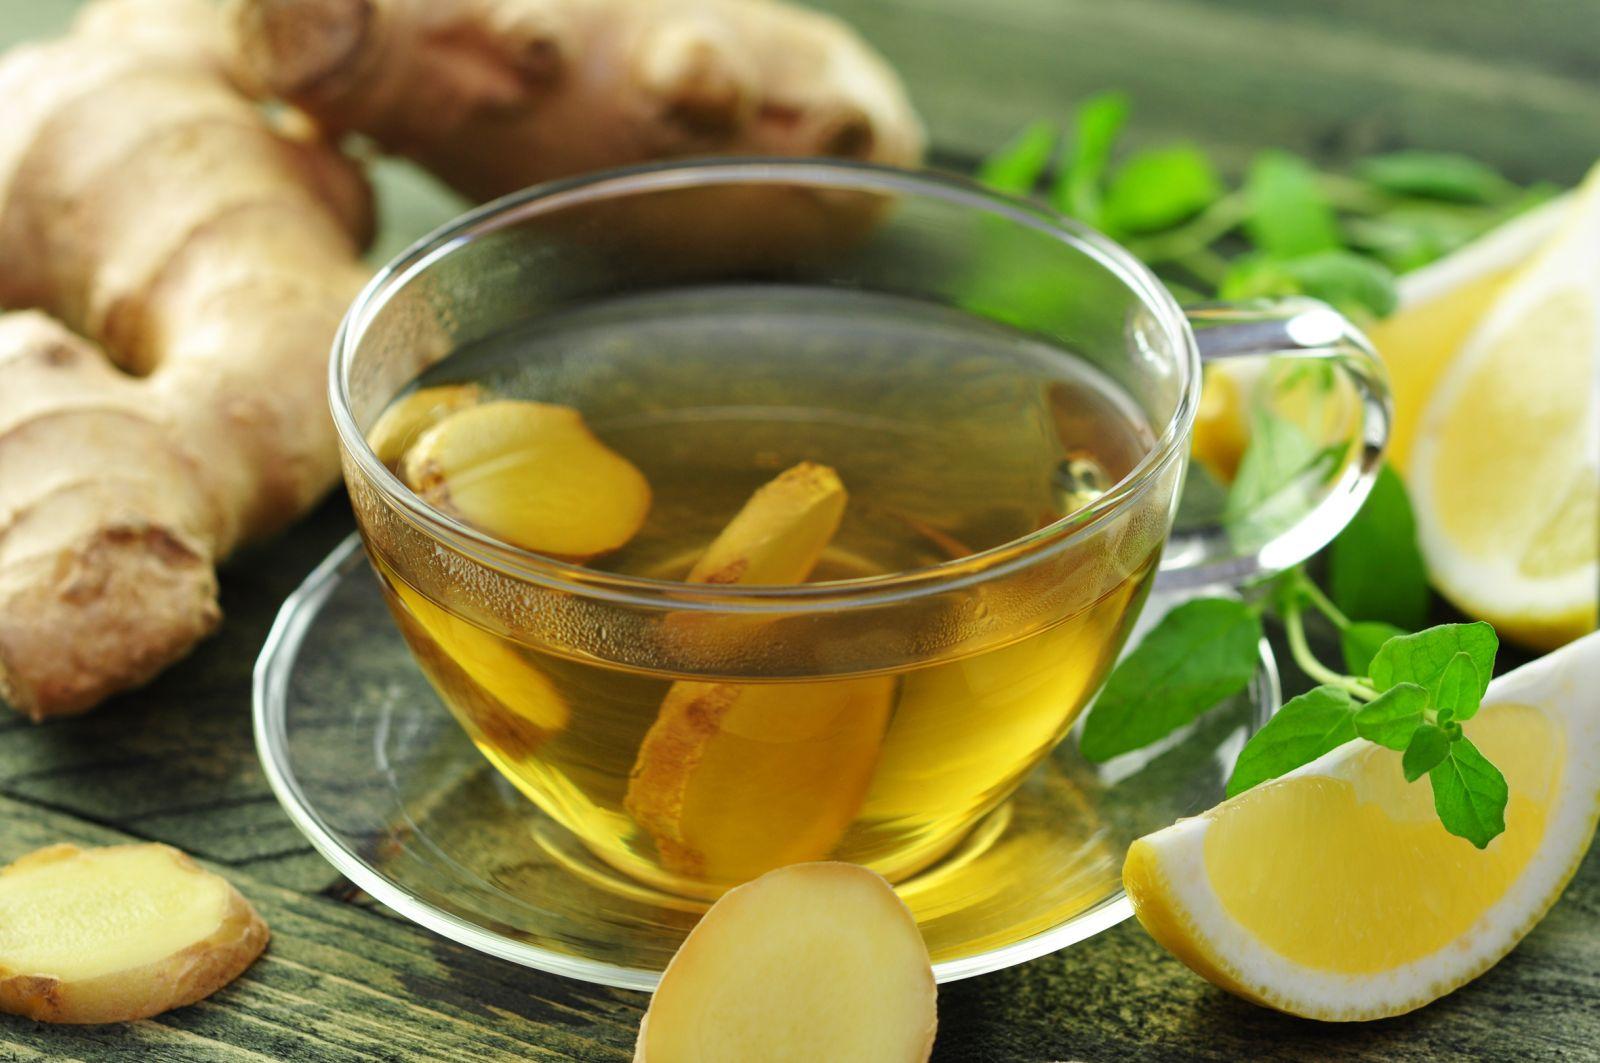 Trà gừng là một loại trà tốt cho hệ tiêu hóa